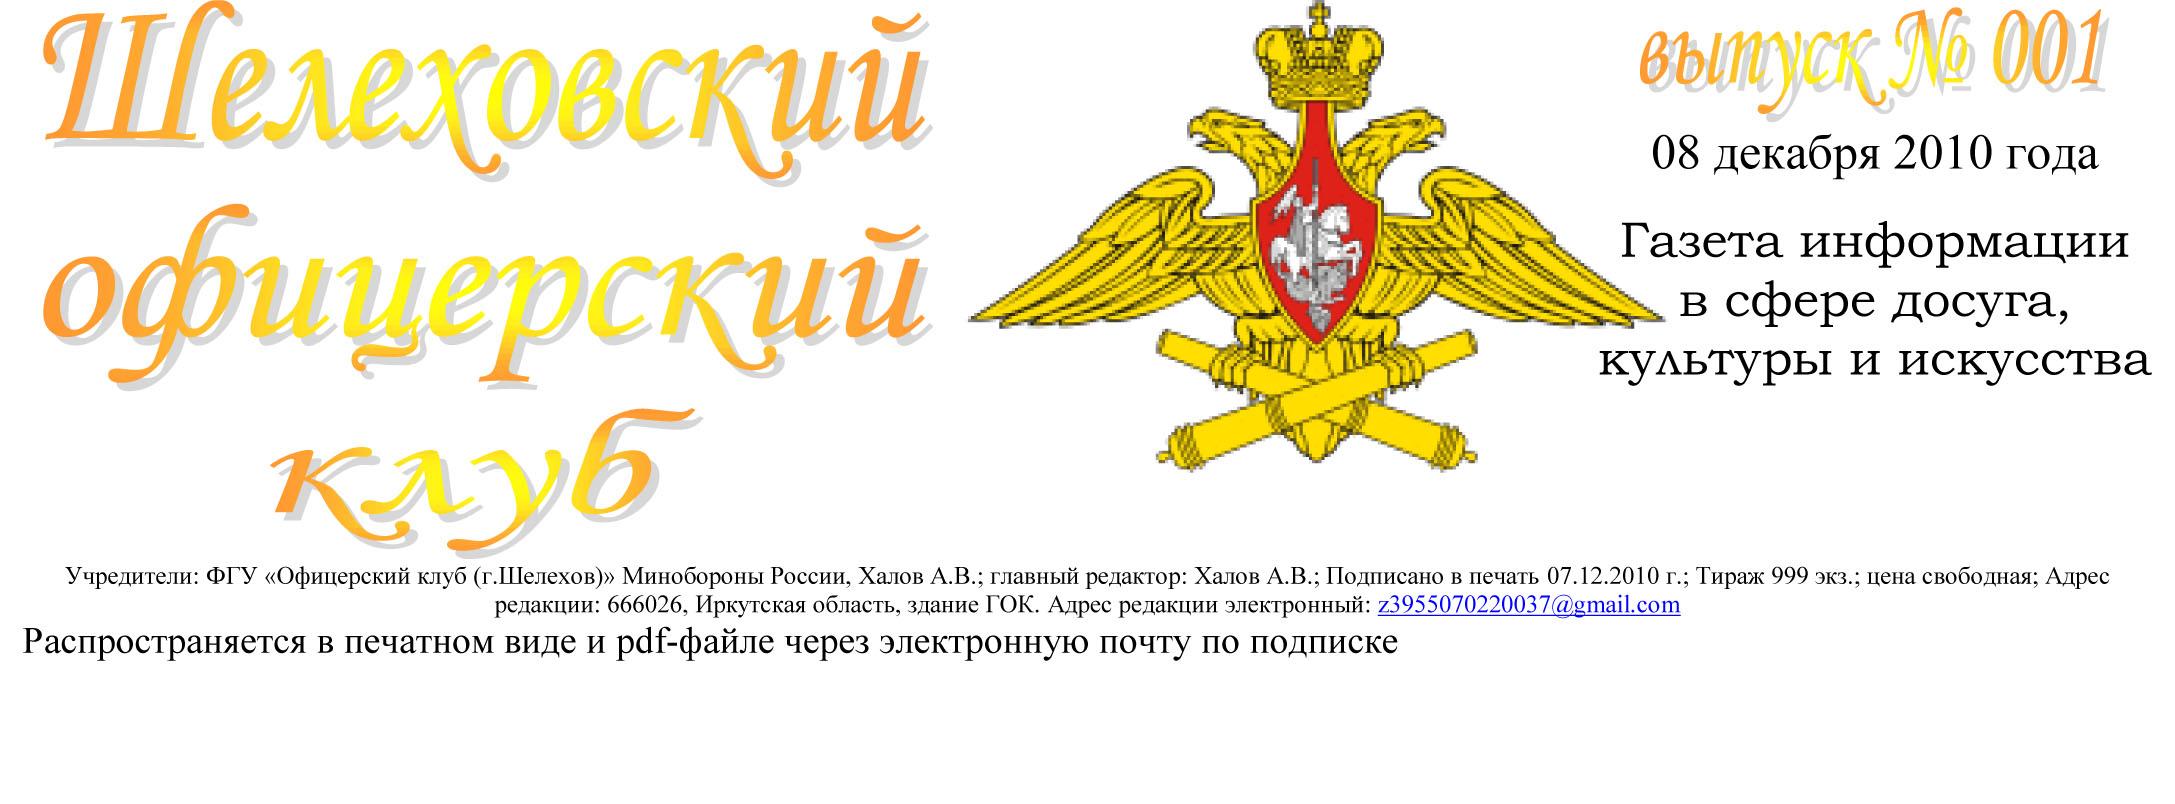 ШОК - газета-артиллерия-заголовок газеты